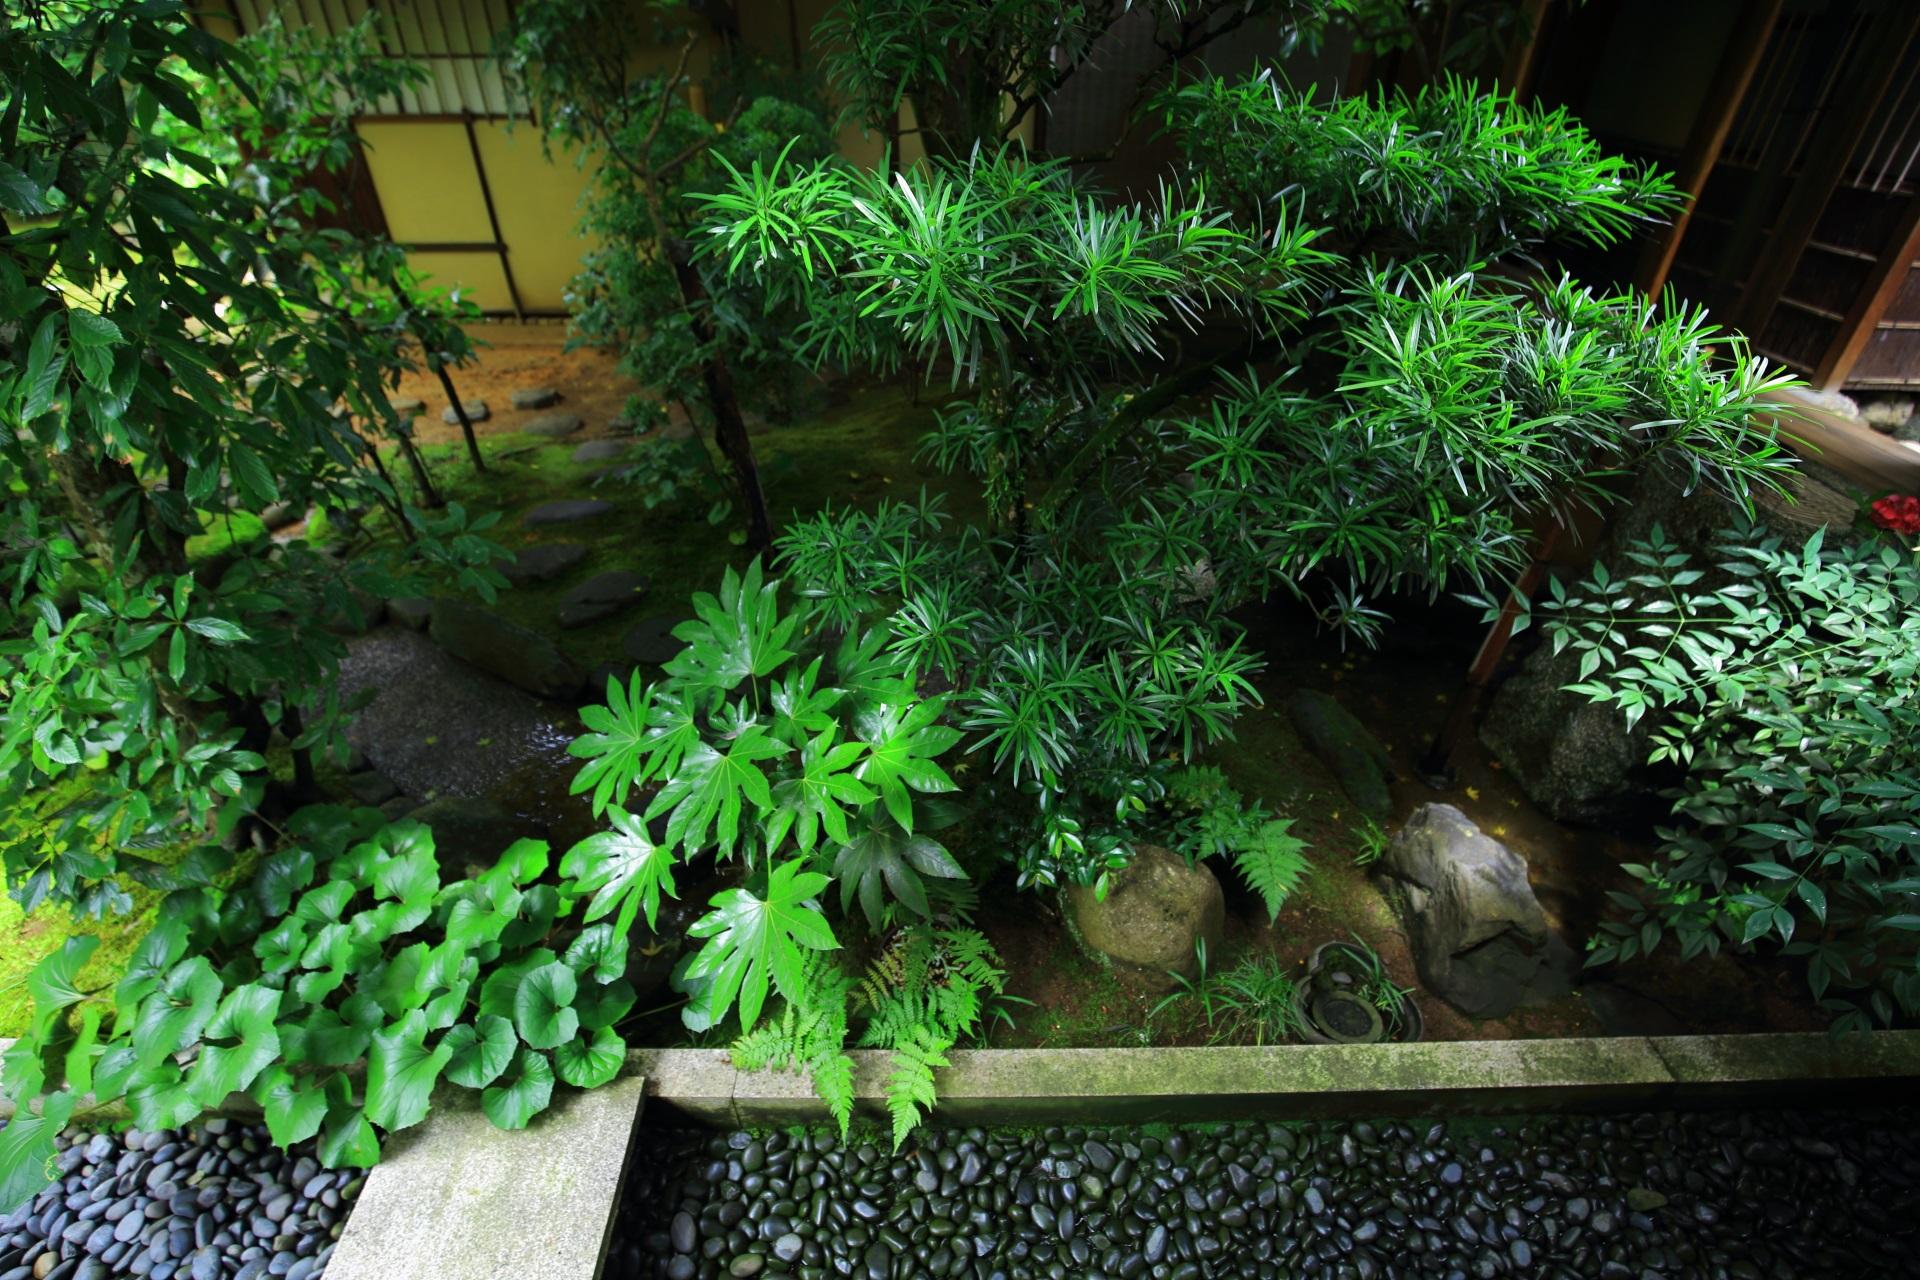 雨で潤ったたくさんの緑が生き生きとする興臨院の中庭